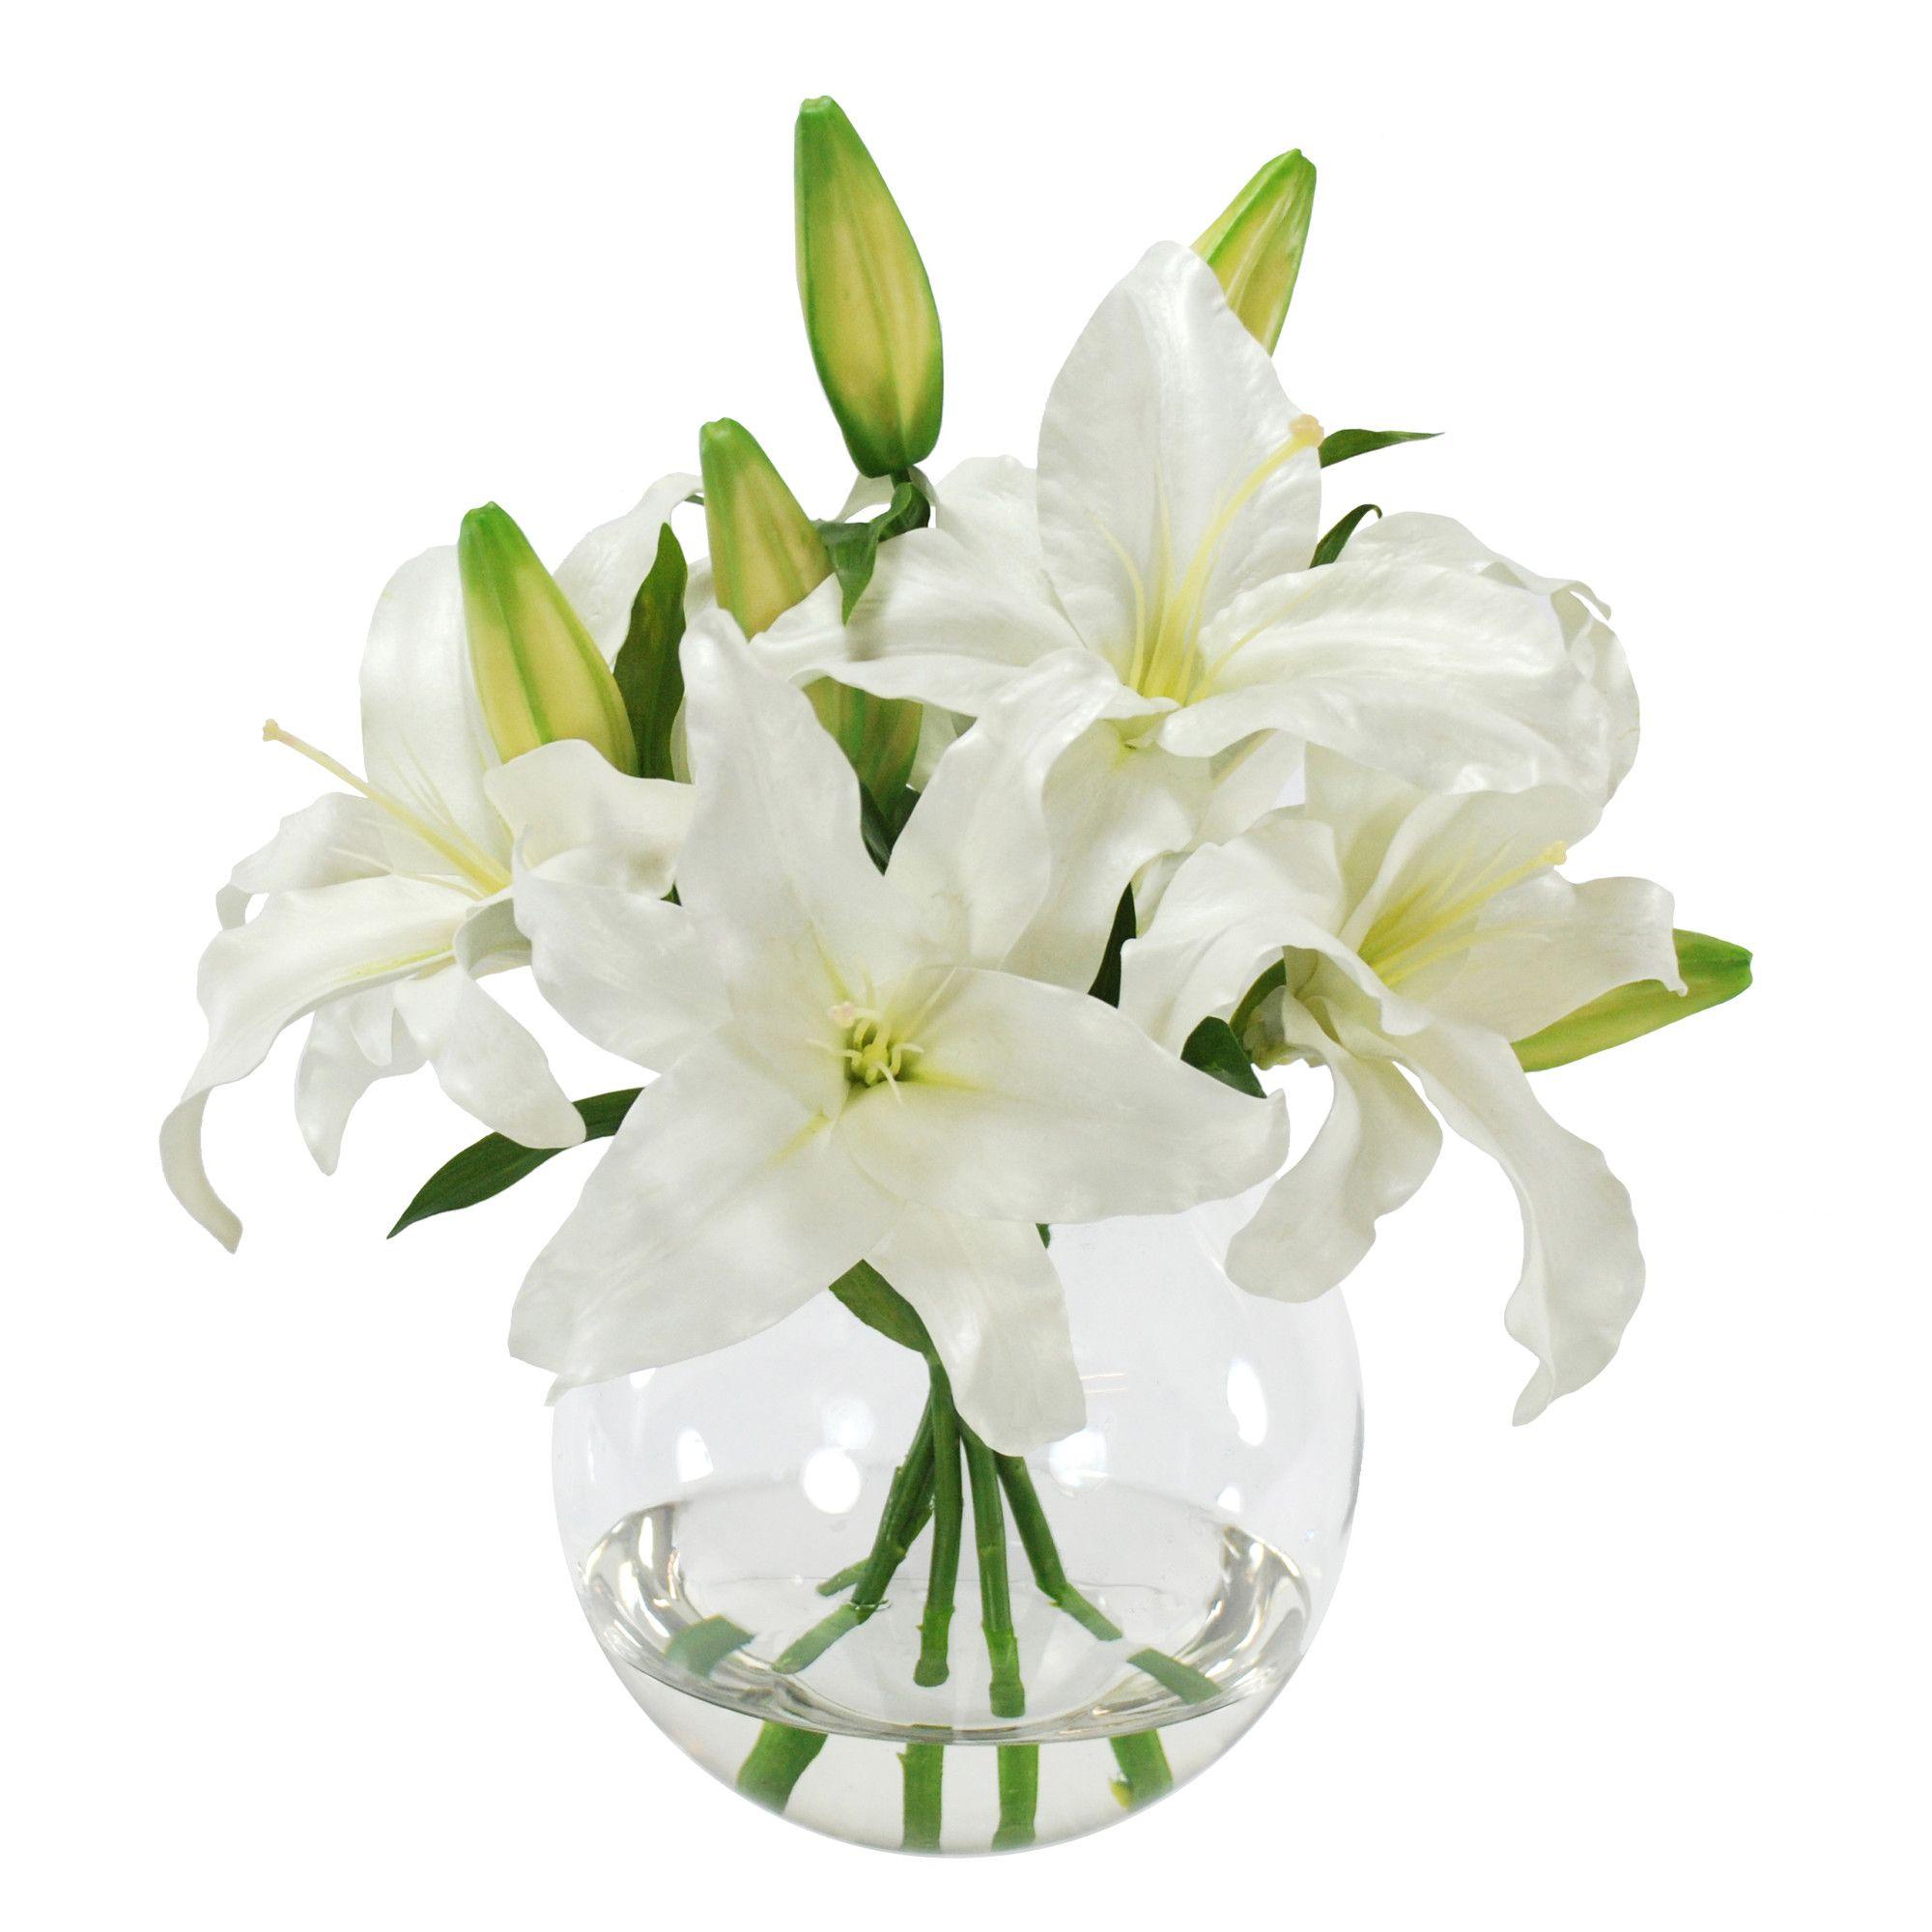 Casablanca Lily Floral Arrangement In Glass Vase Faux Flower Arrangements Lily Bouquet Flower Arrangements